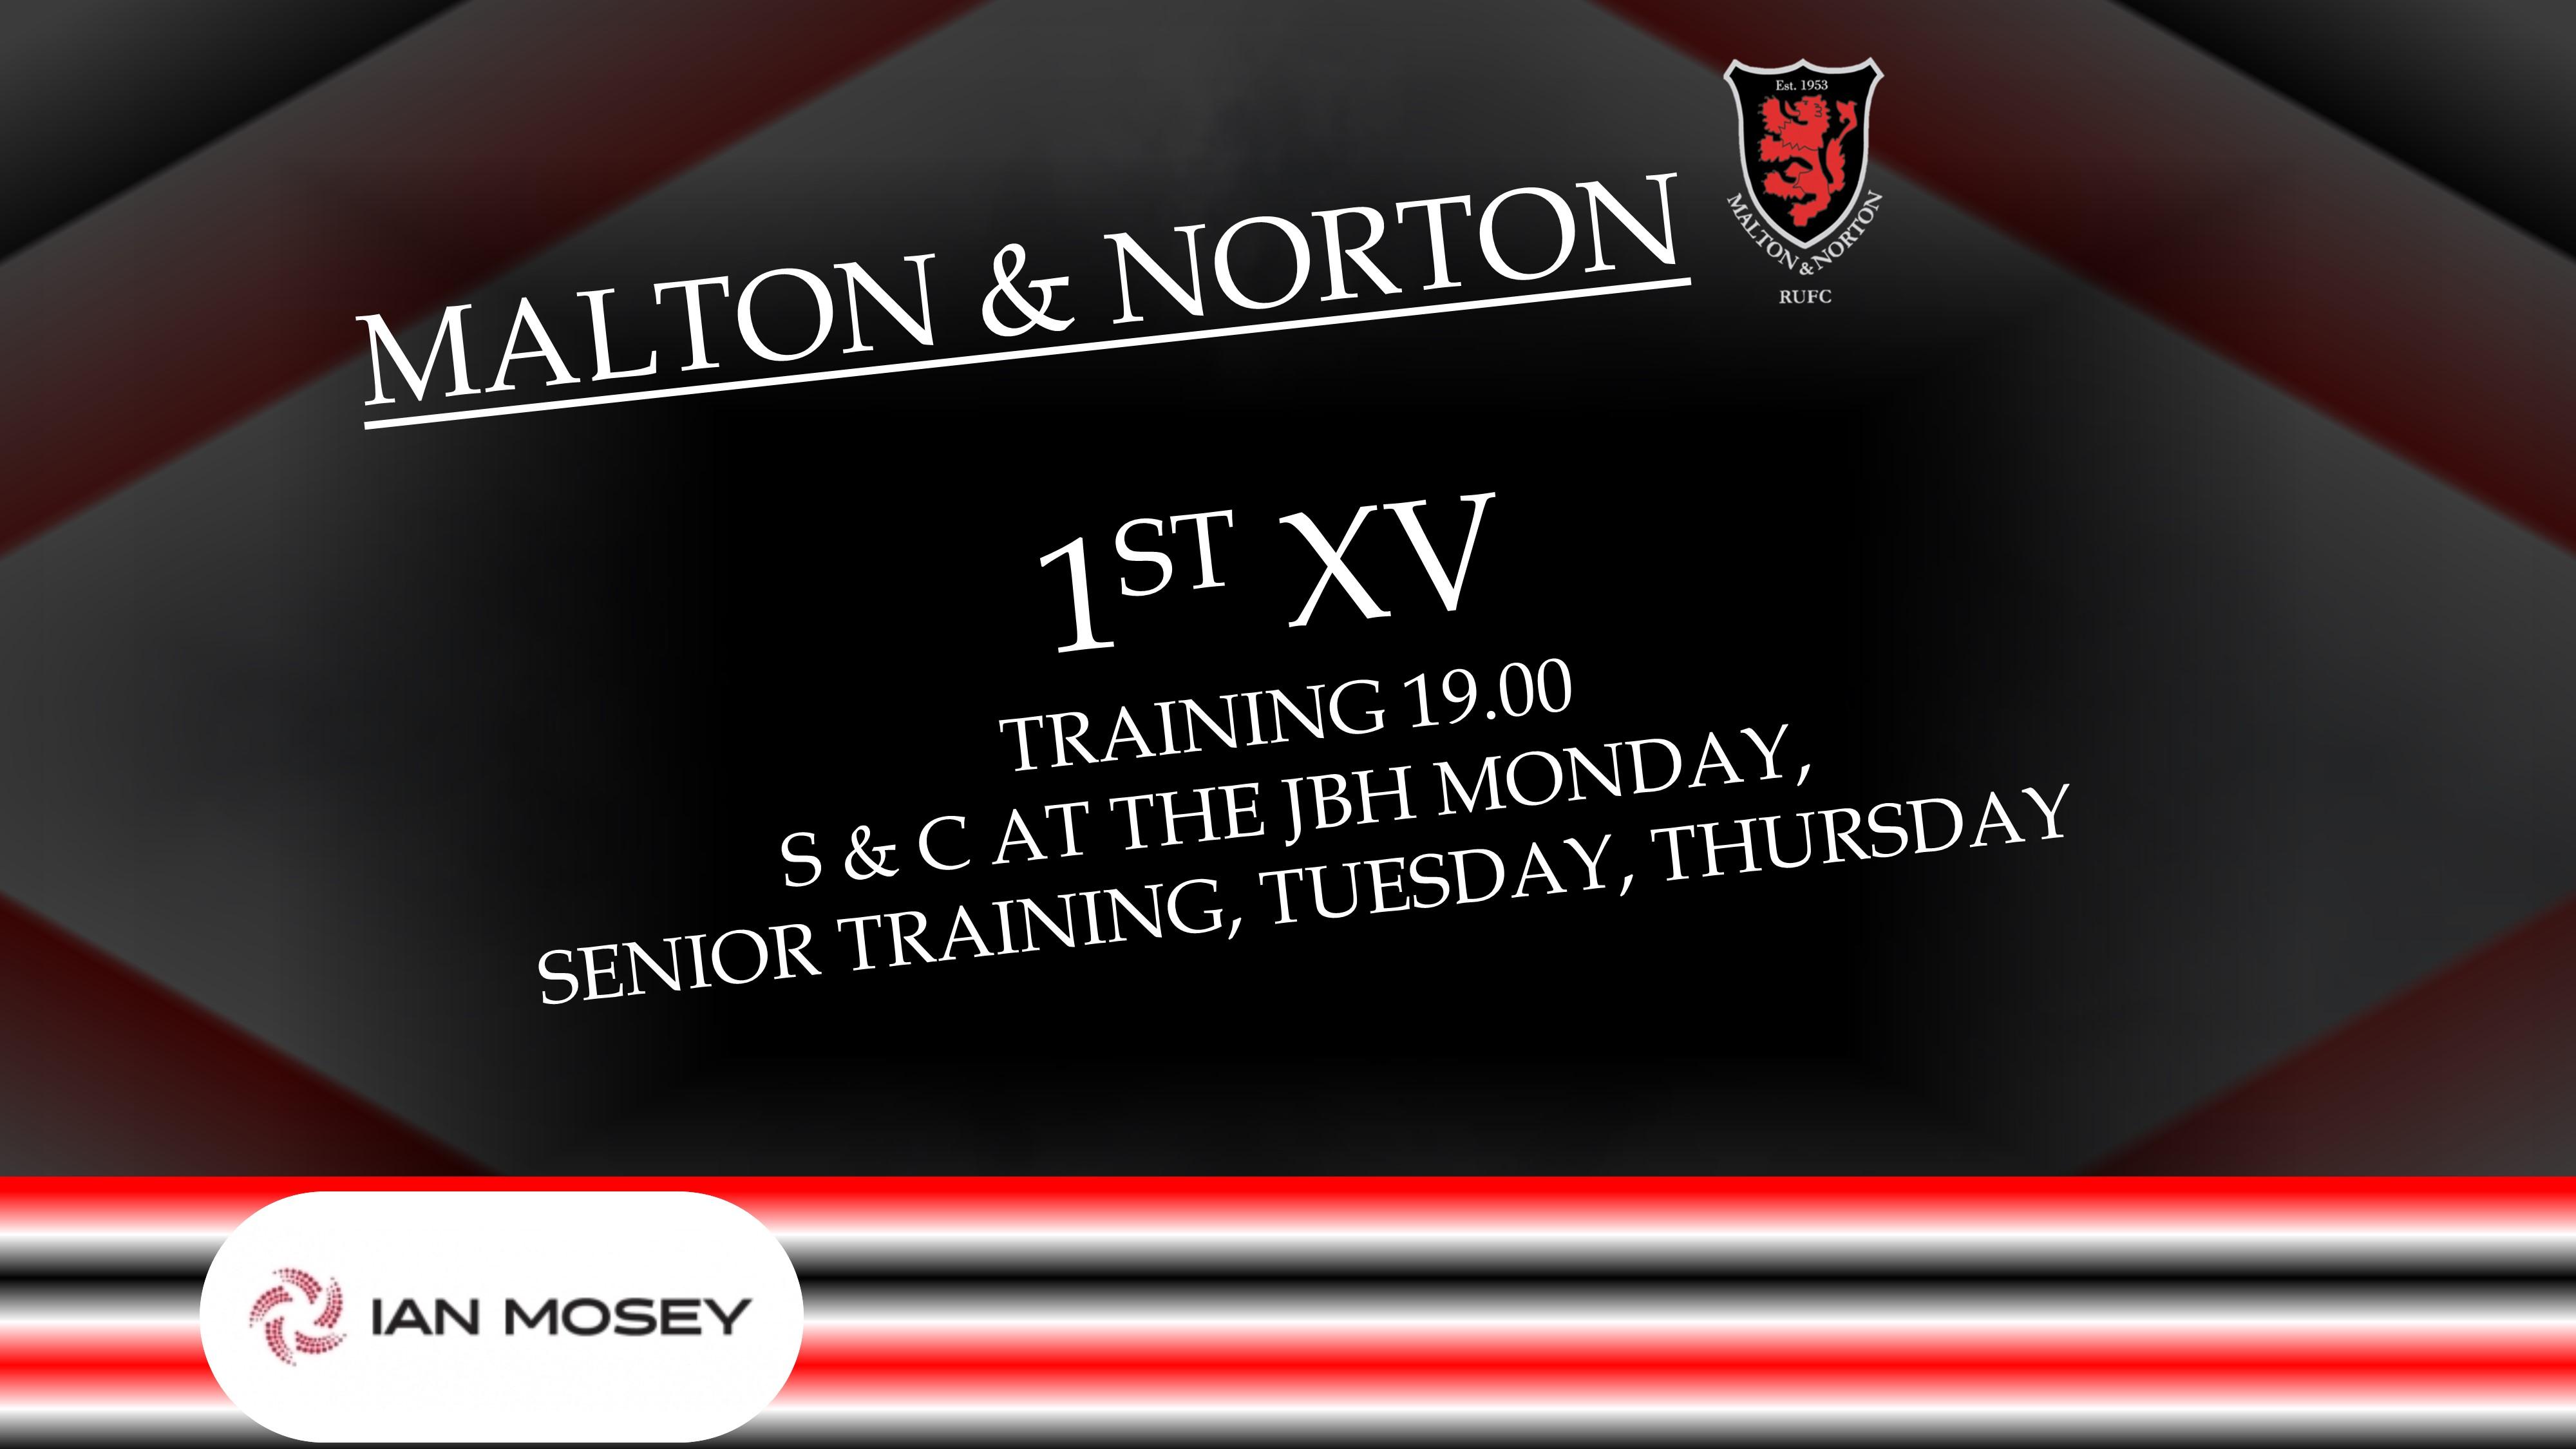 Durham City 18 Vs 20 Malton And Norton 25 March 2017 1st Xv